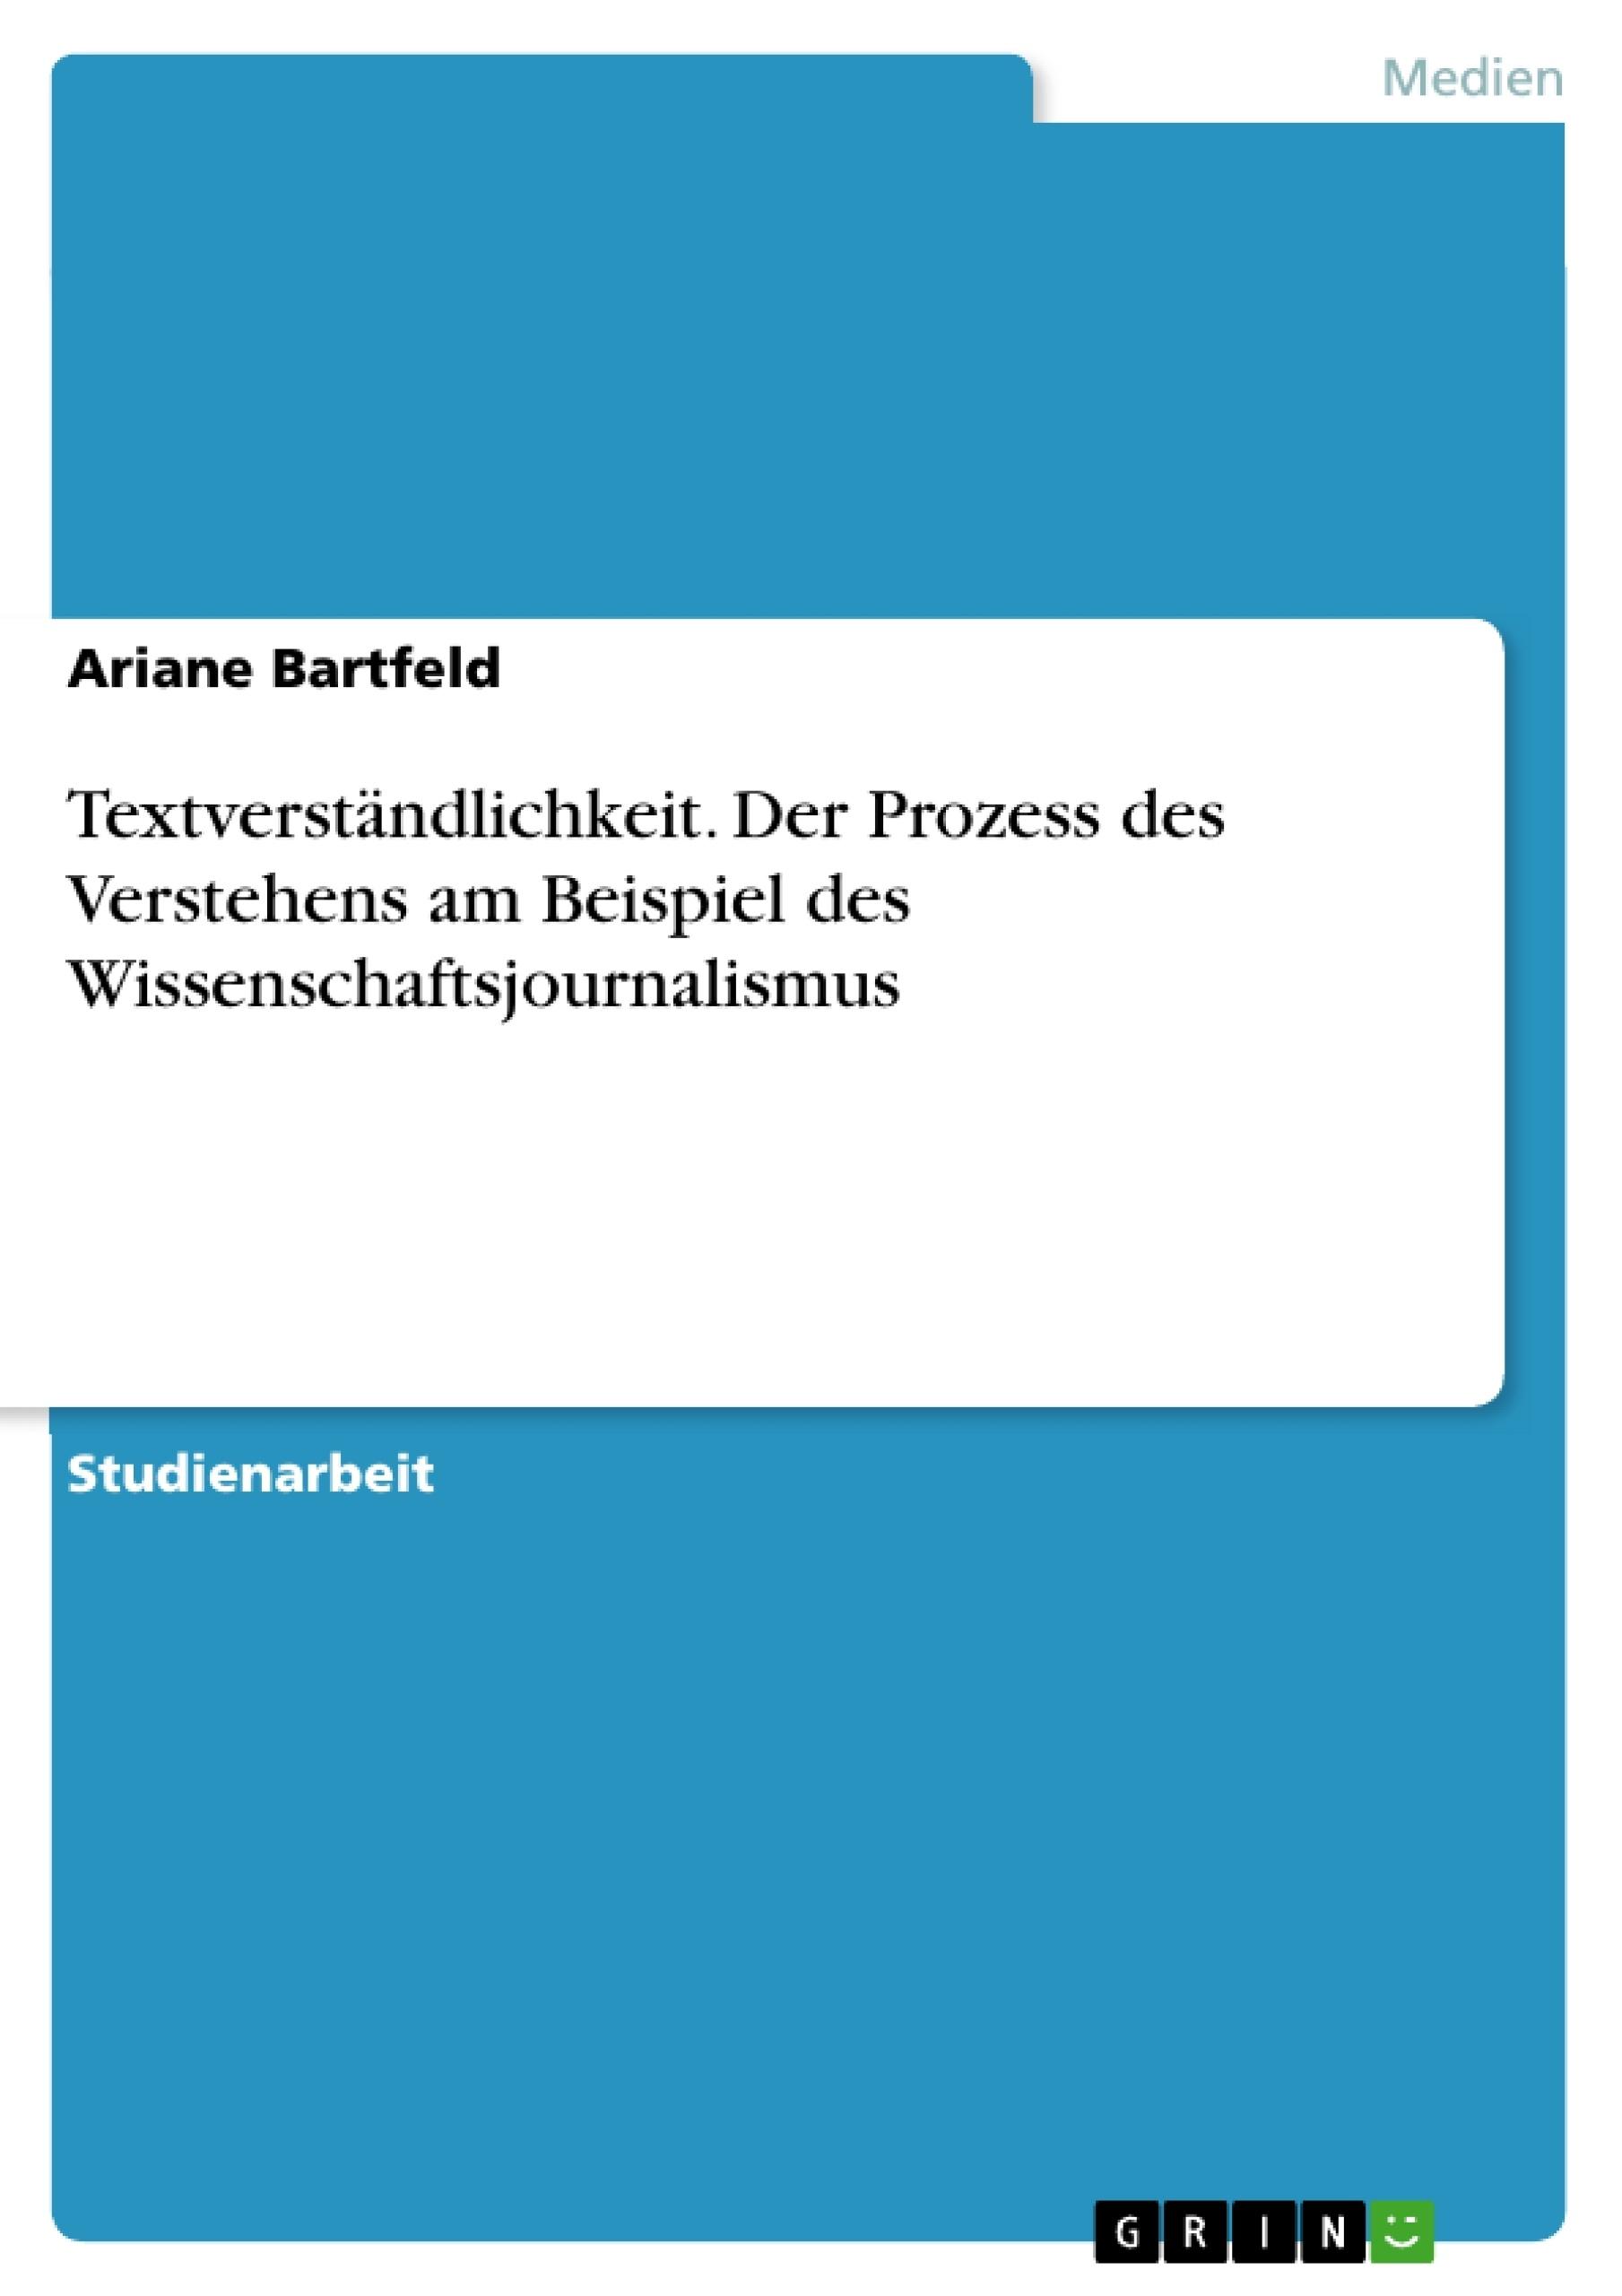 Titel: Textverständlichkeit. Der Prozess des Verstehens am Beispiel des Wissenschaftsjournalismus